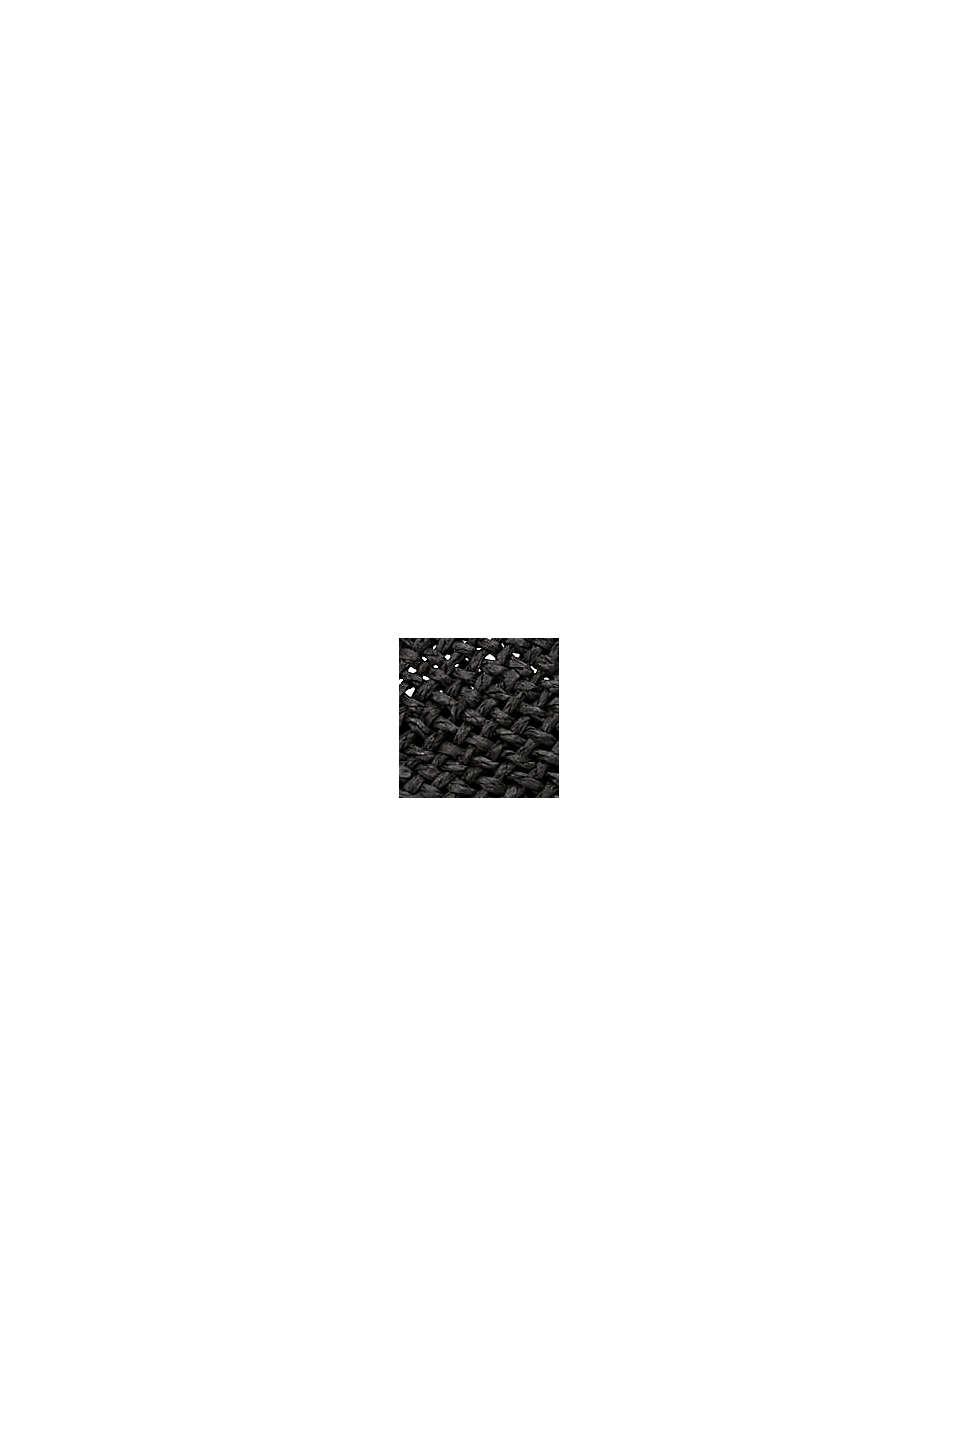 Klobouk trilby ze slámy s certifikací FSC™, BLACK, swatch